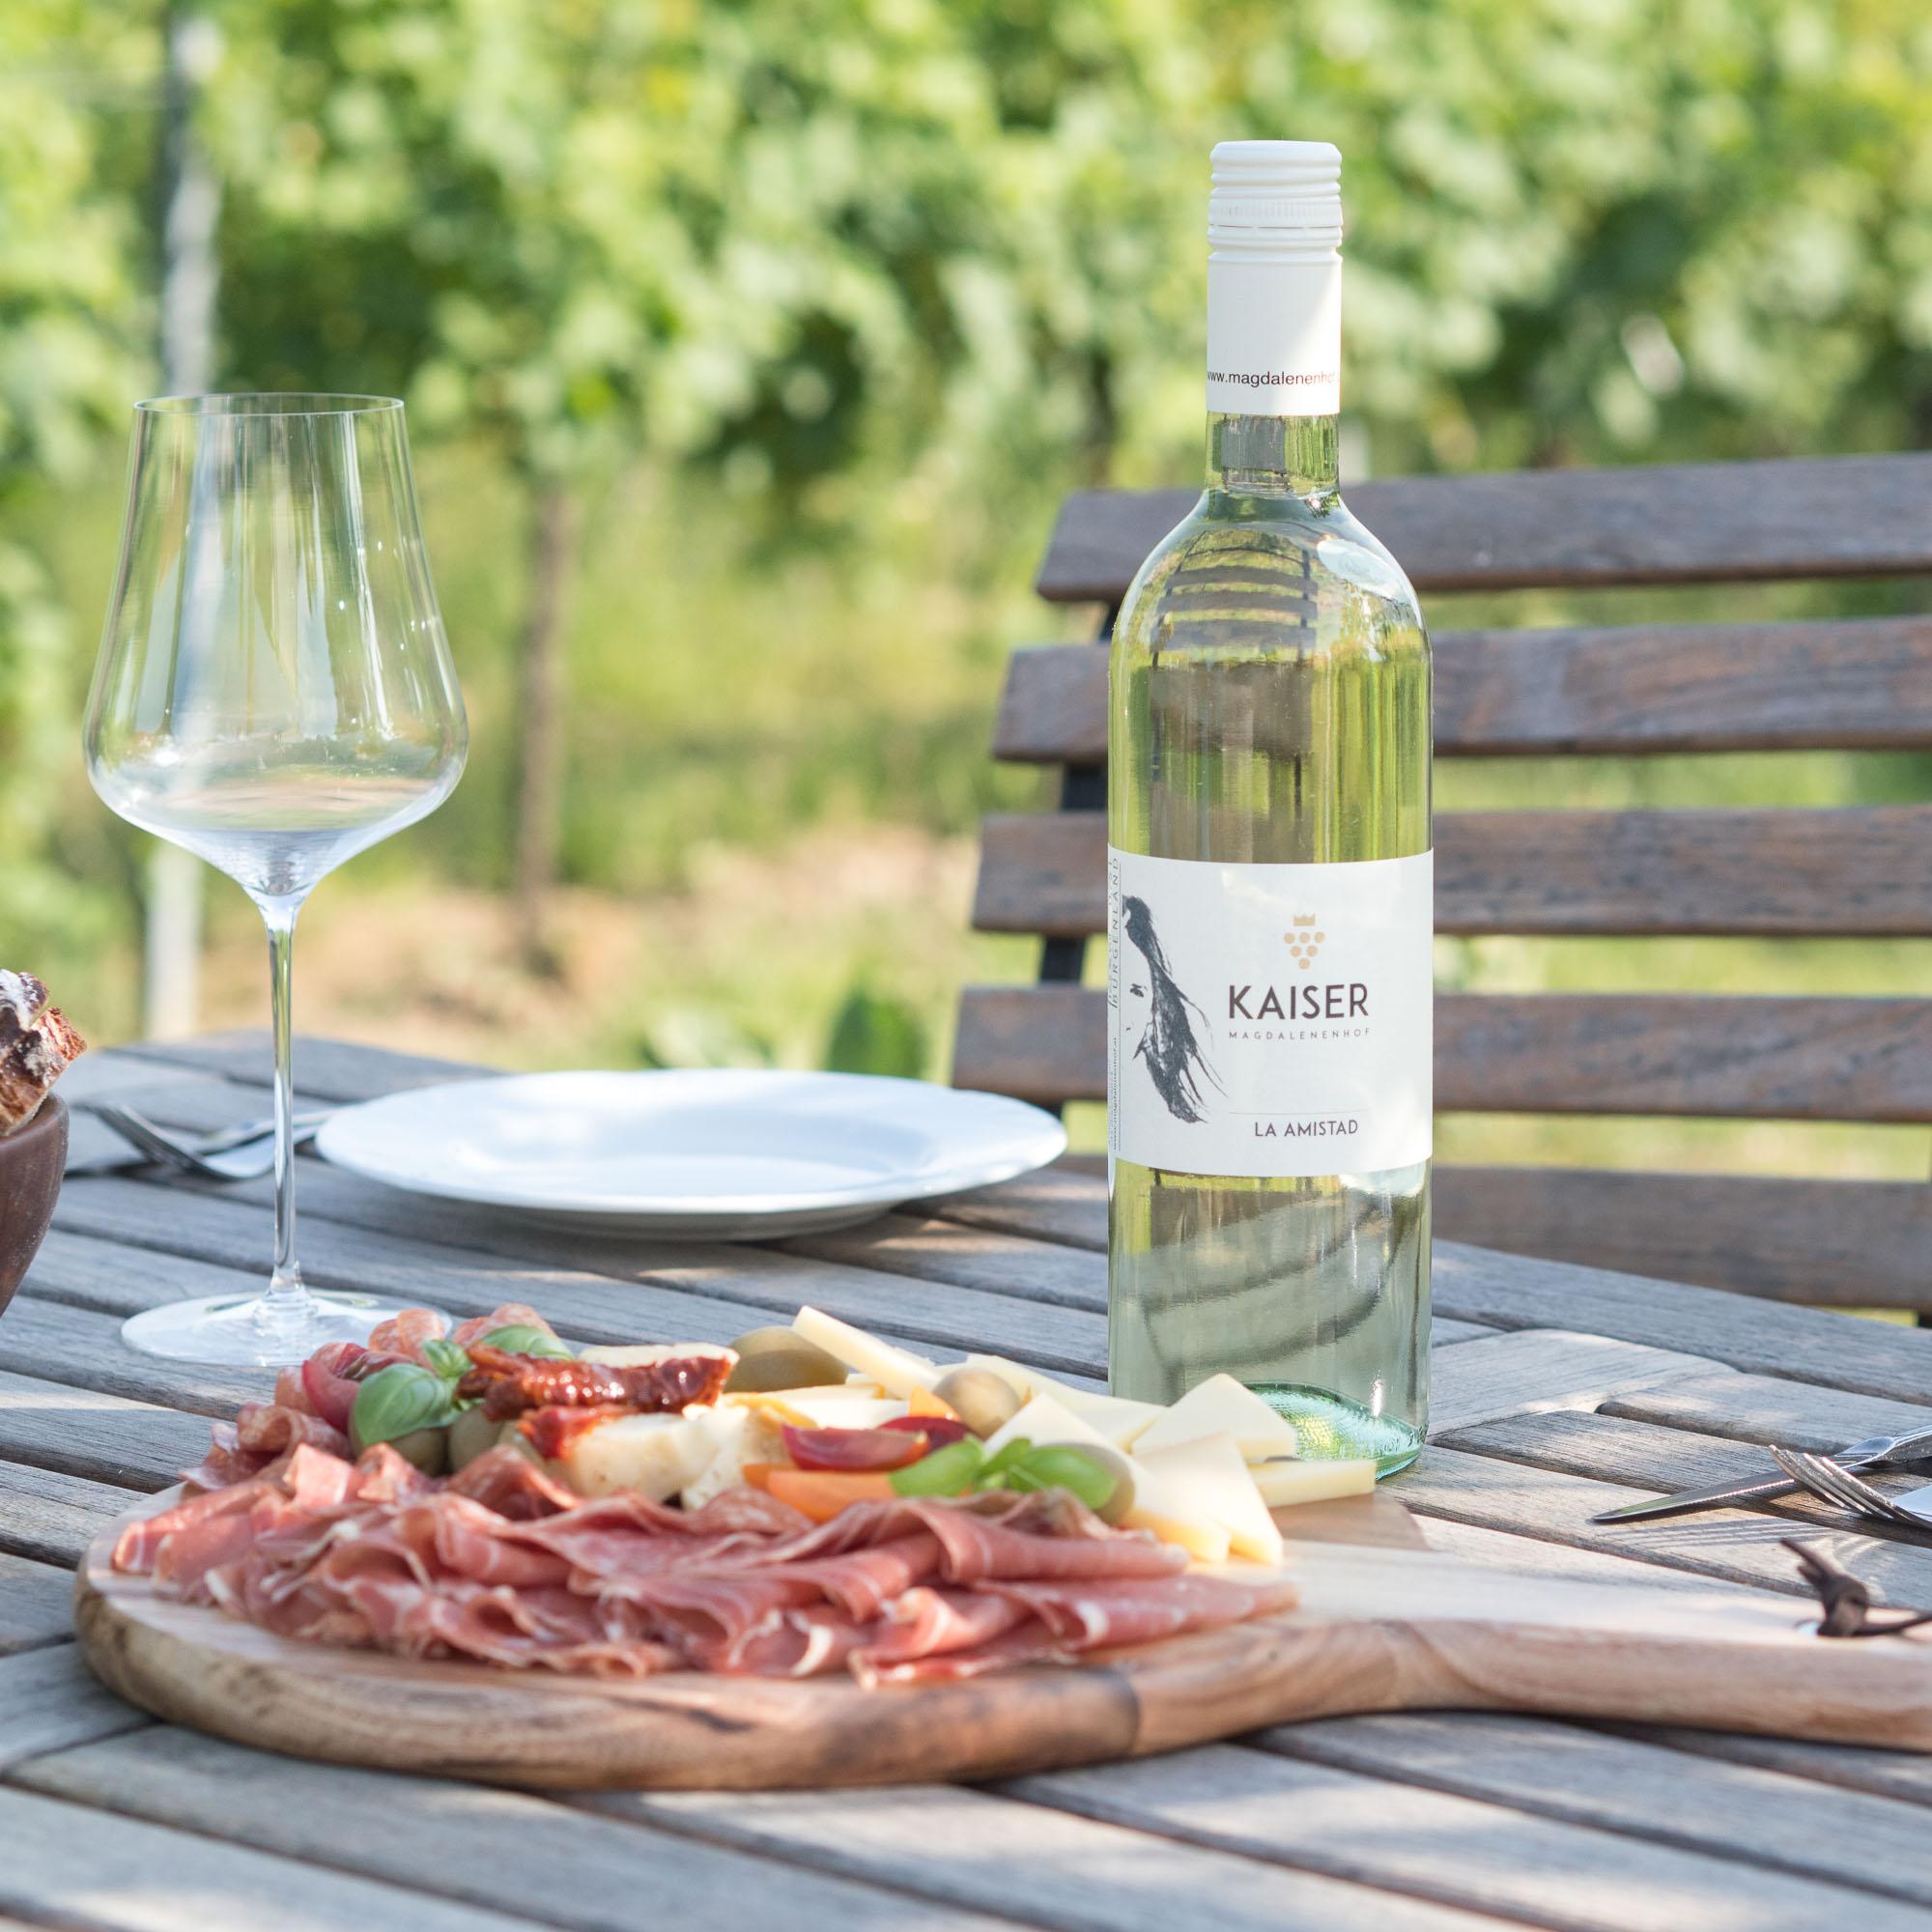 La Amistad - so kam es zu meinem eigenen Wein 11